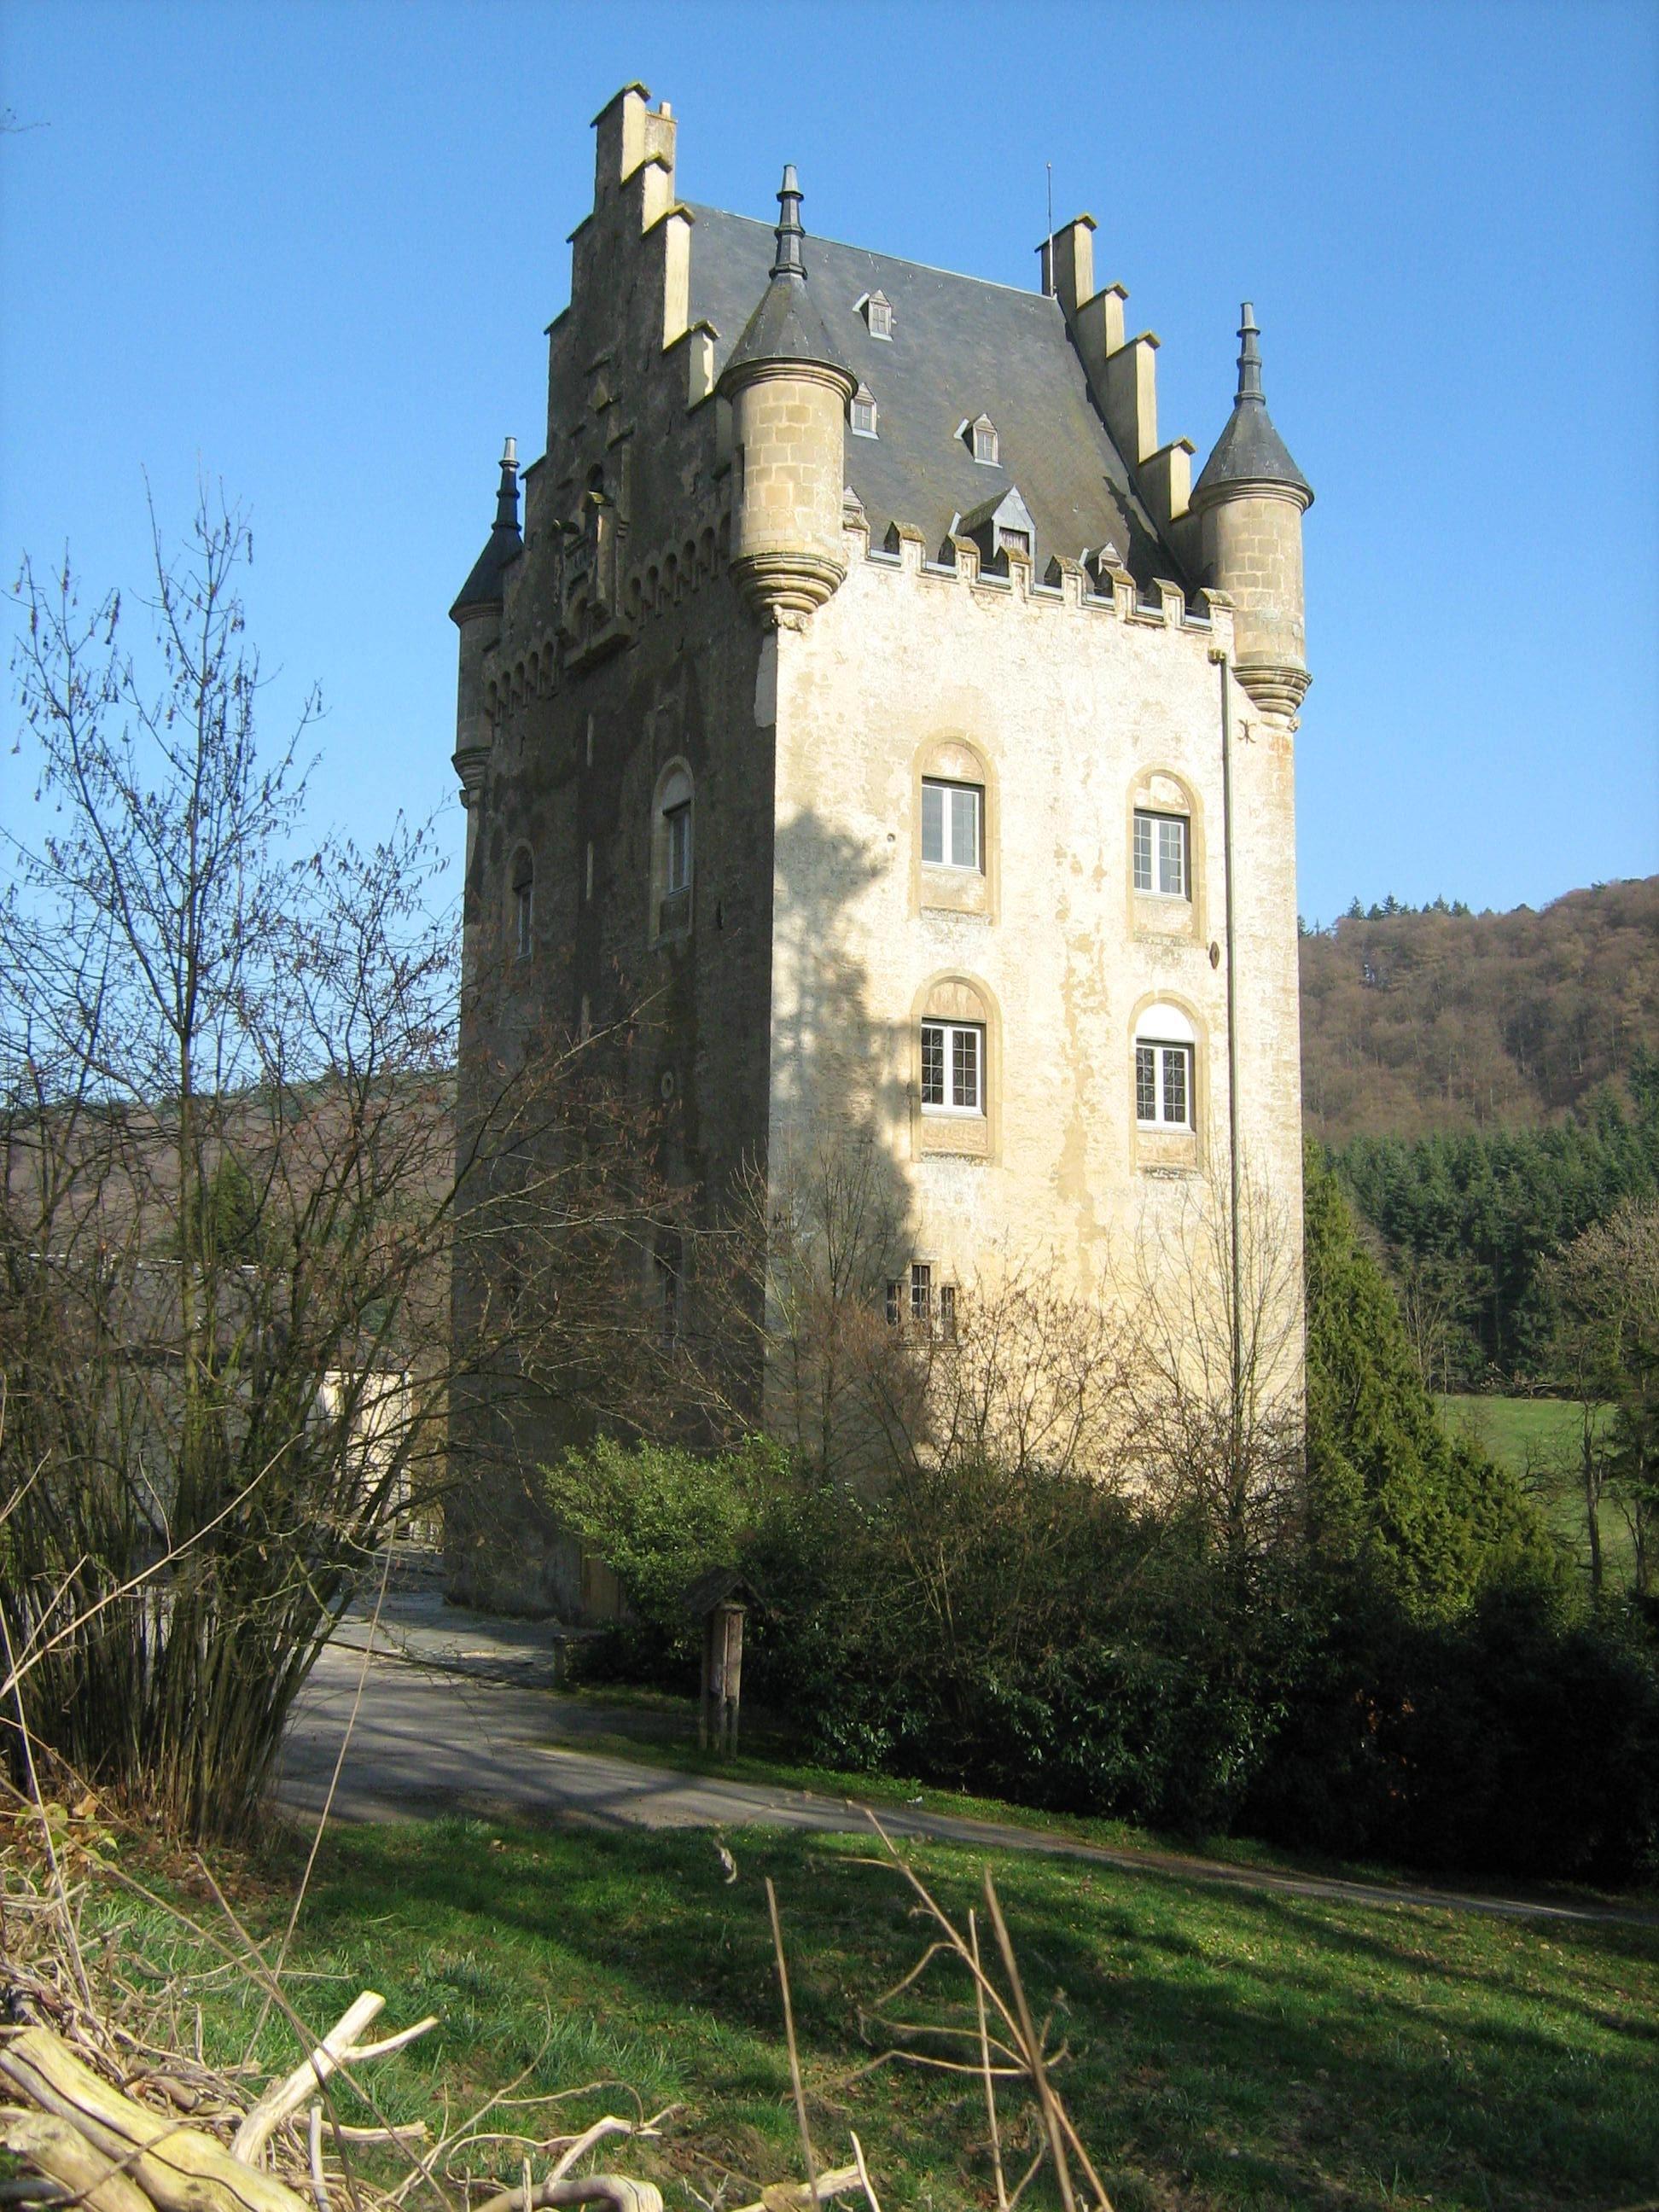 Schoenfels Castle, Luxembourg. Photo taken on March 25, 2011.